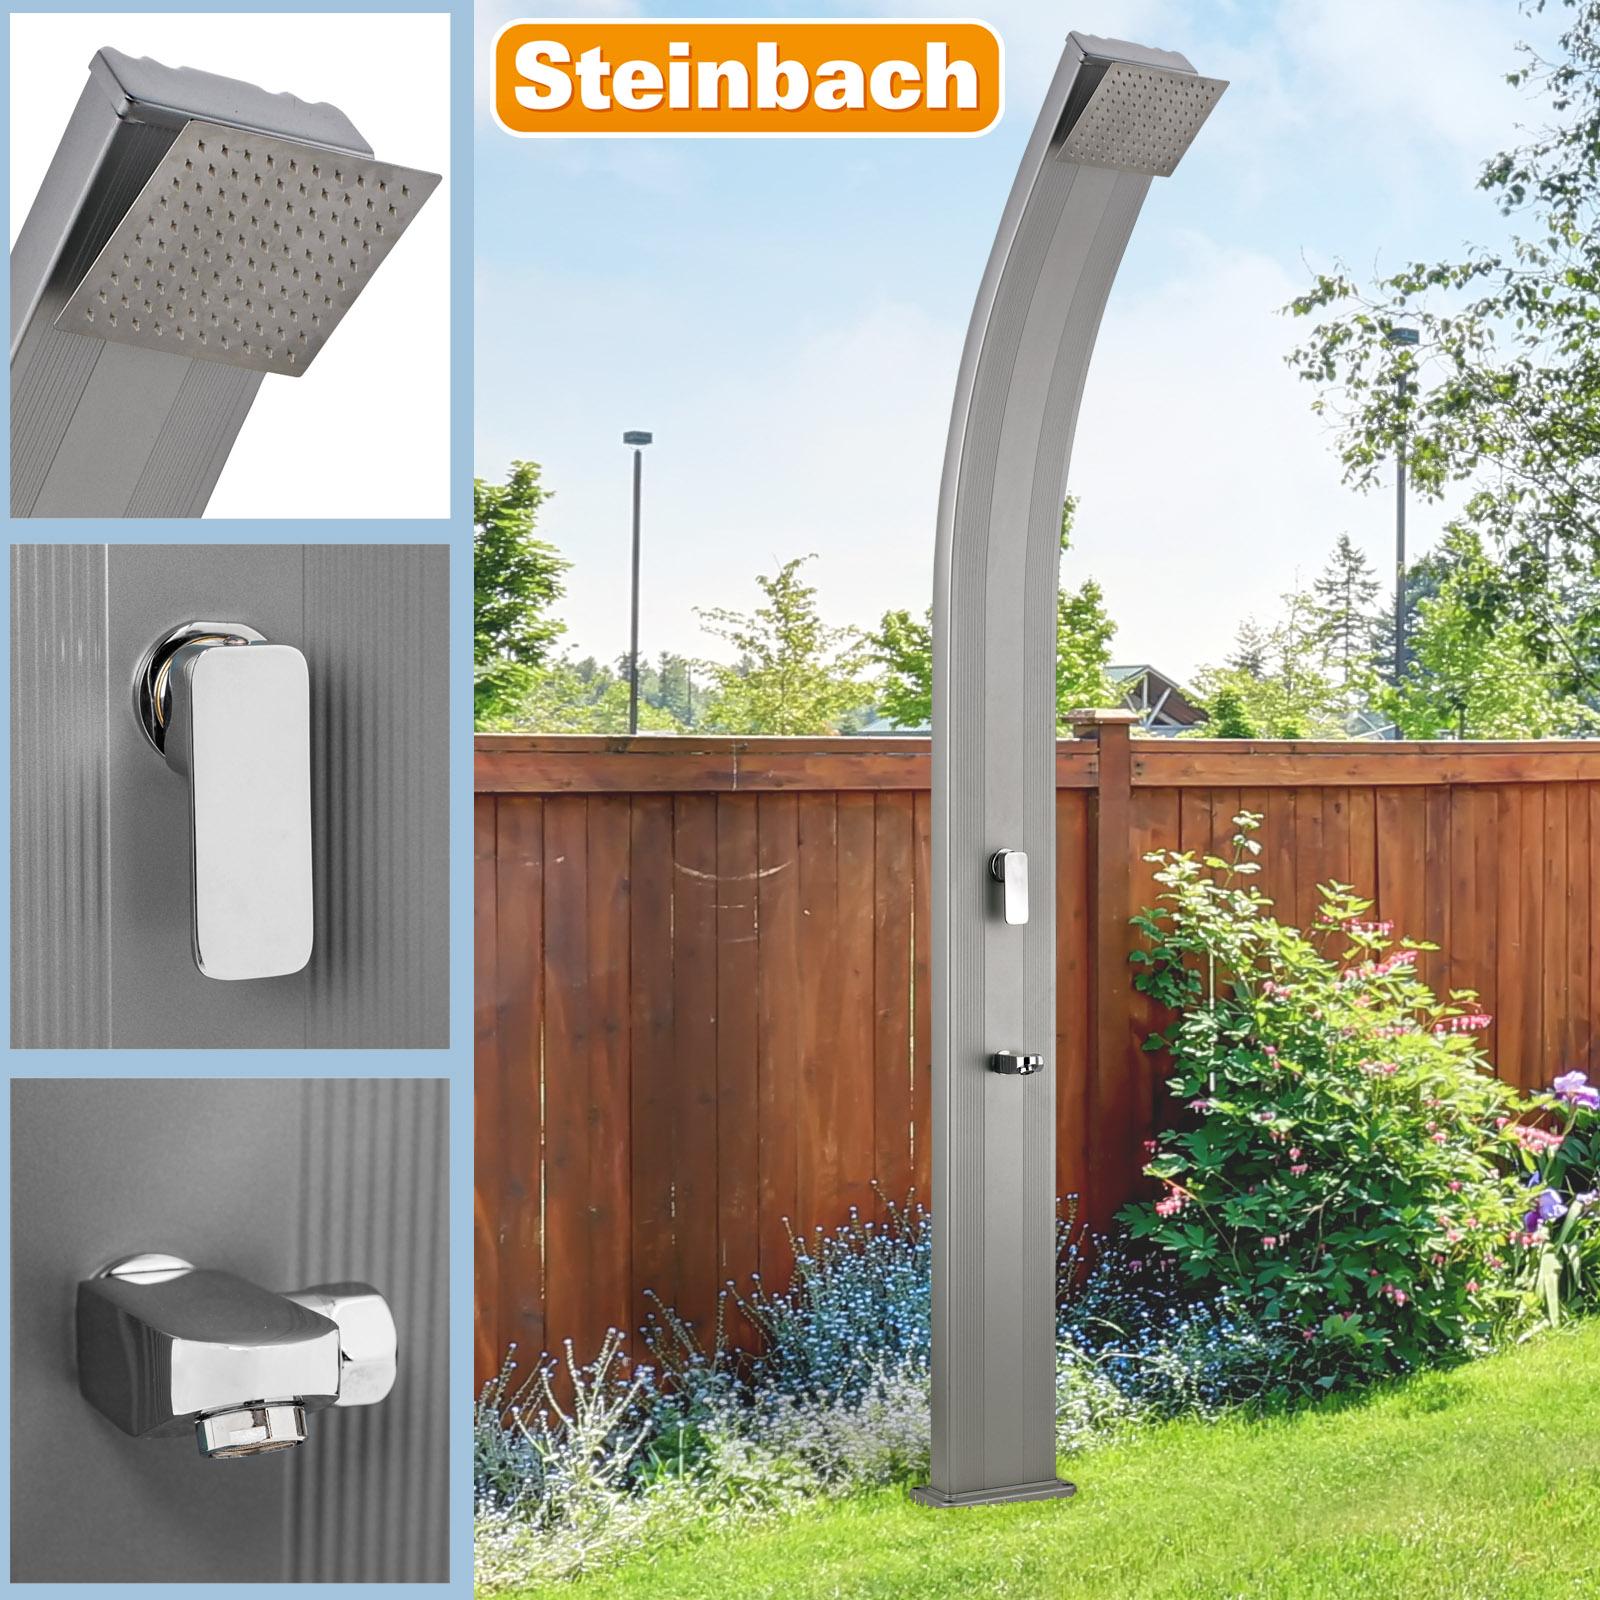 Steinbach Solardusche Slim Line Deluxe grau 49046